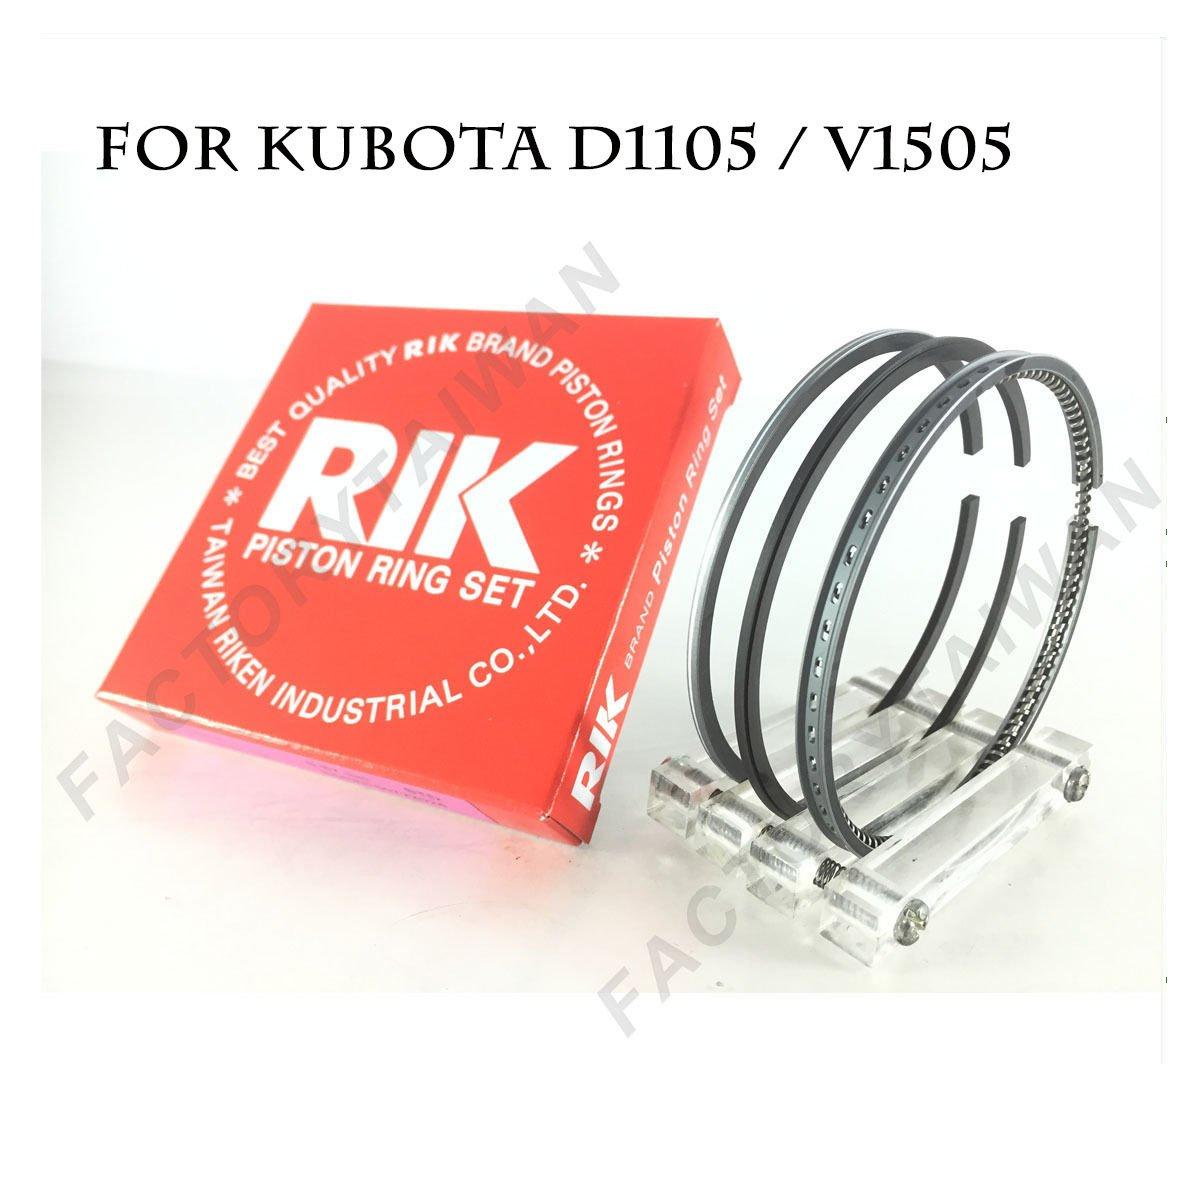 Riken Piston Ring STD 78mm for KUBOTA D1105 / V1505 Riken Taiwan